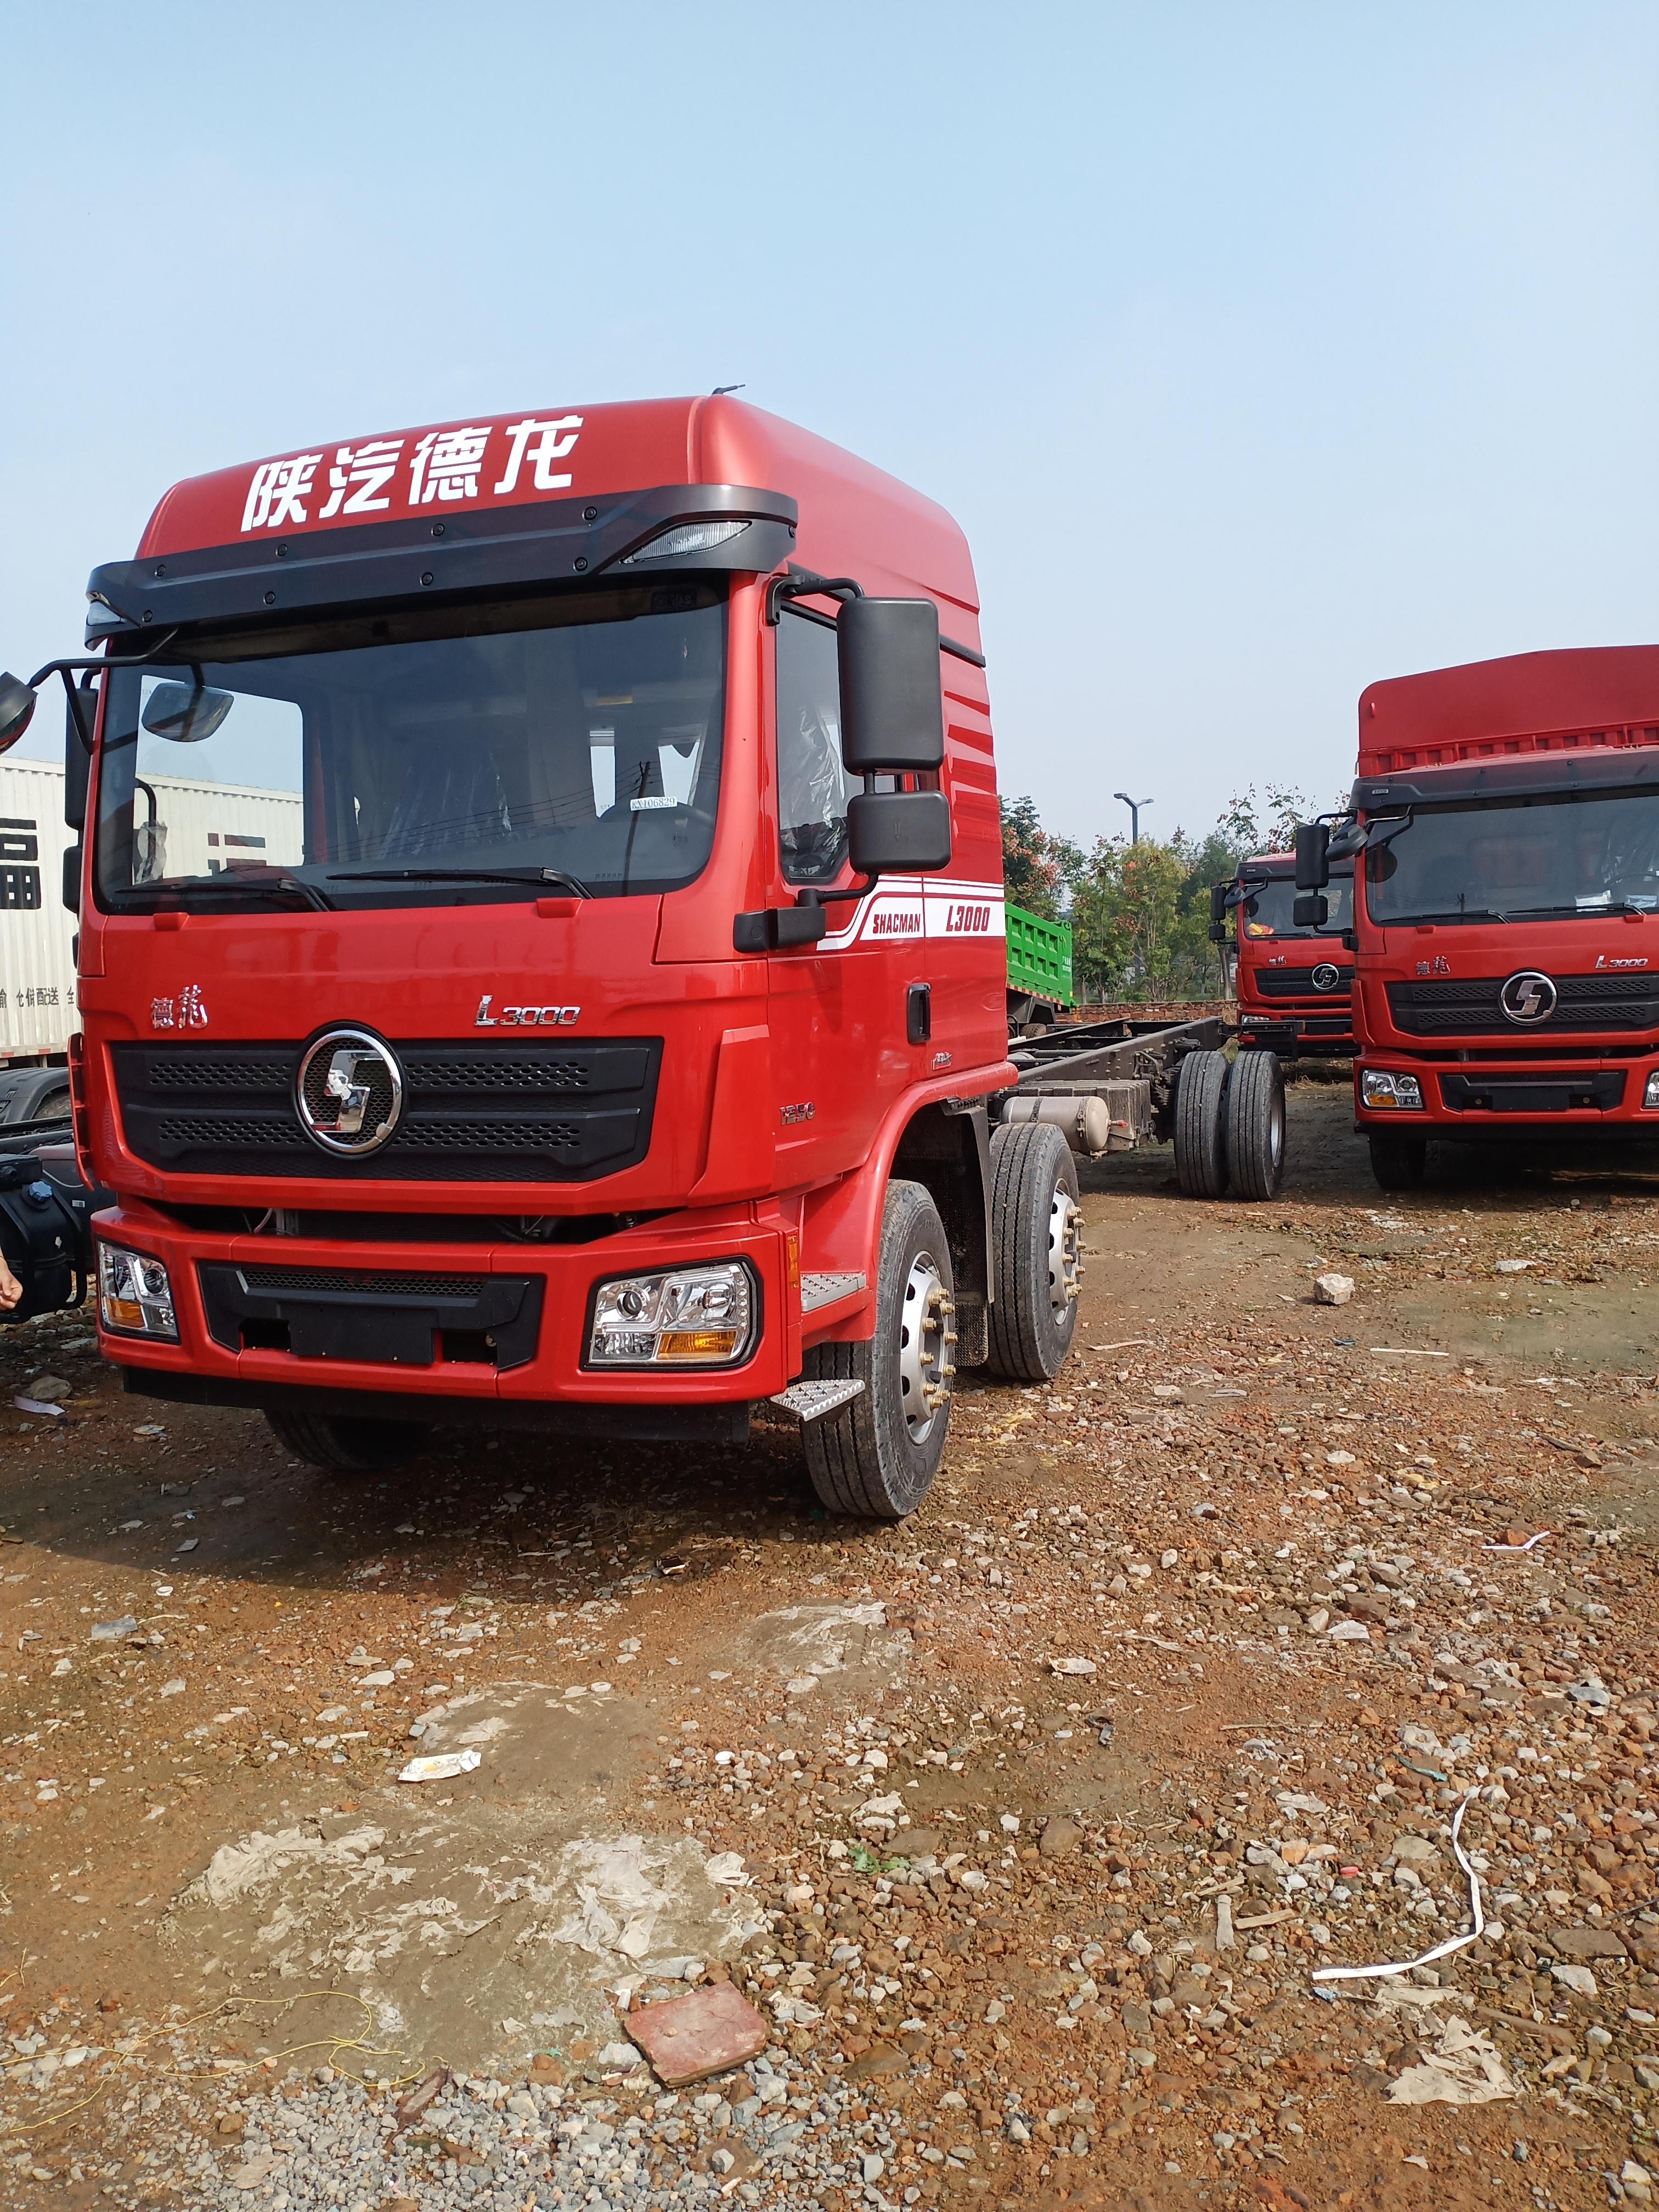 陕汽重卡 德龙L3000 185马力 4X2 6.75米排半栏板载货车(SX1180LA12)口碑